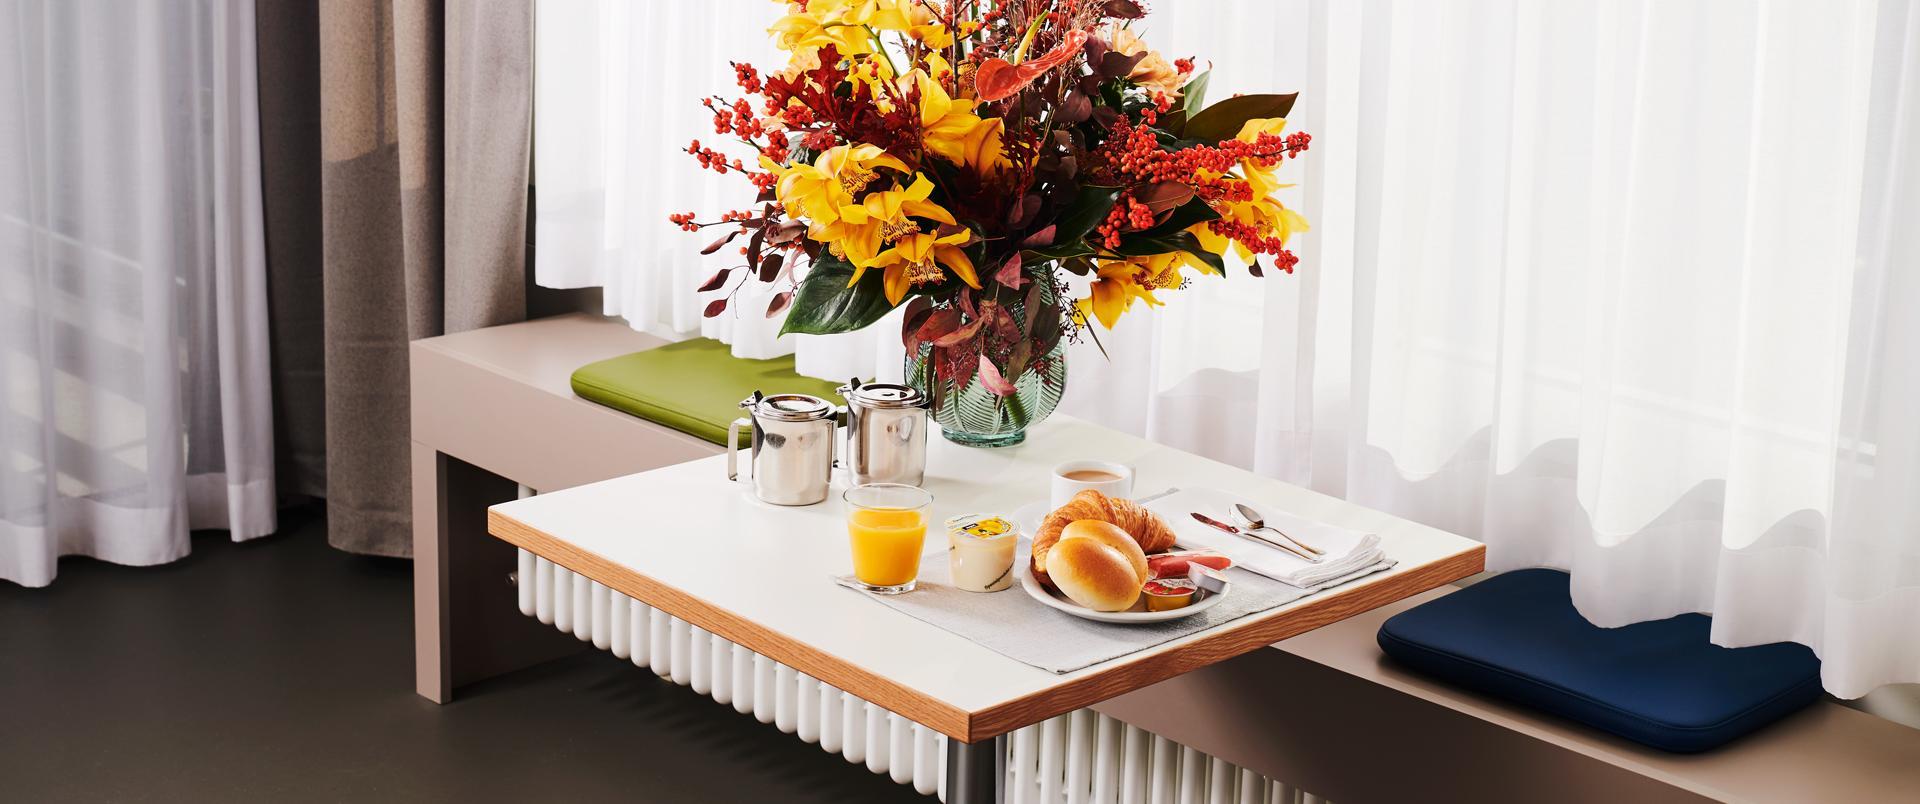 Frühstück auf der Privatabteilung SRO Plus